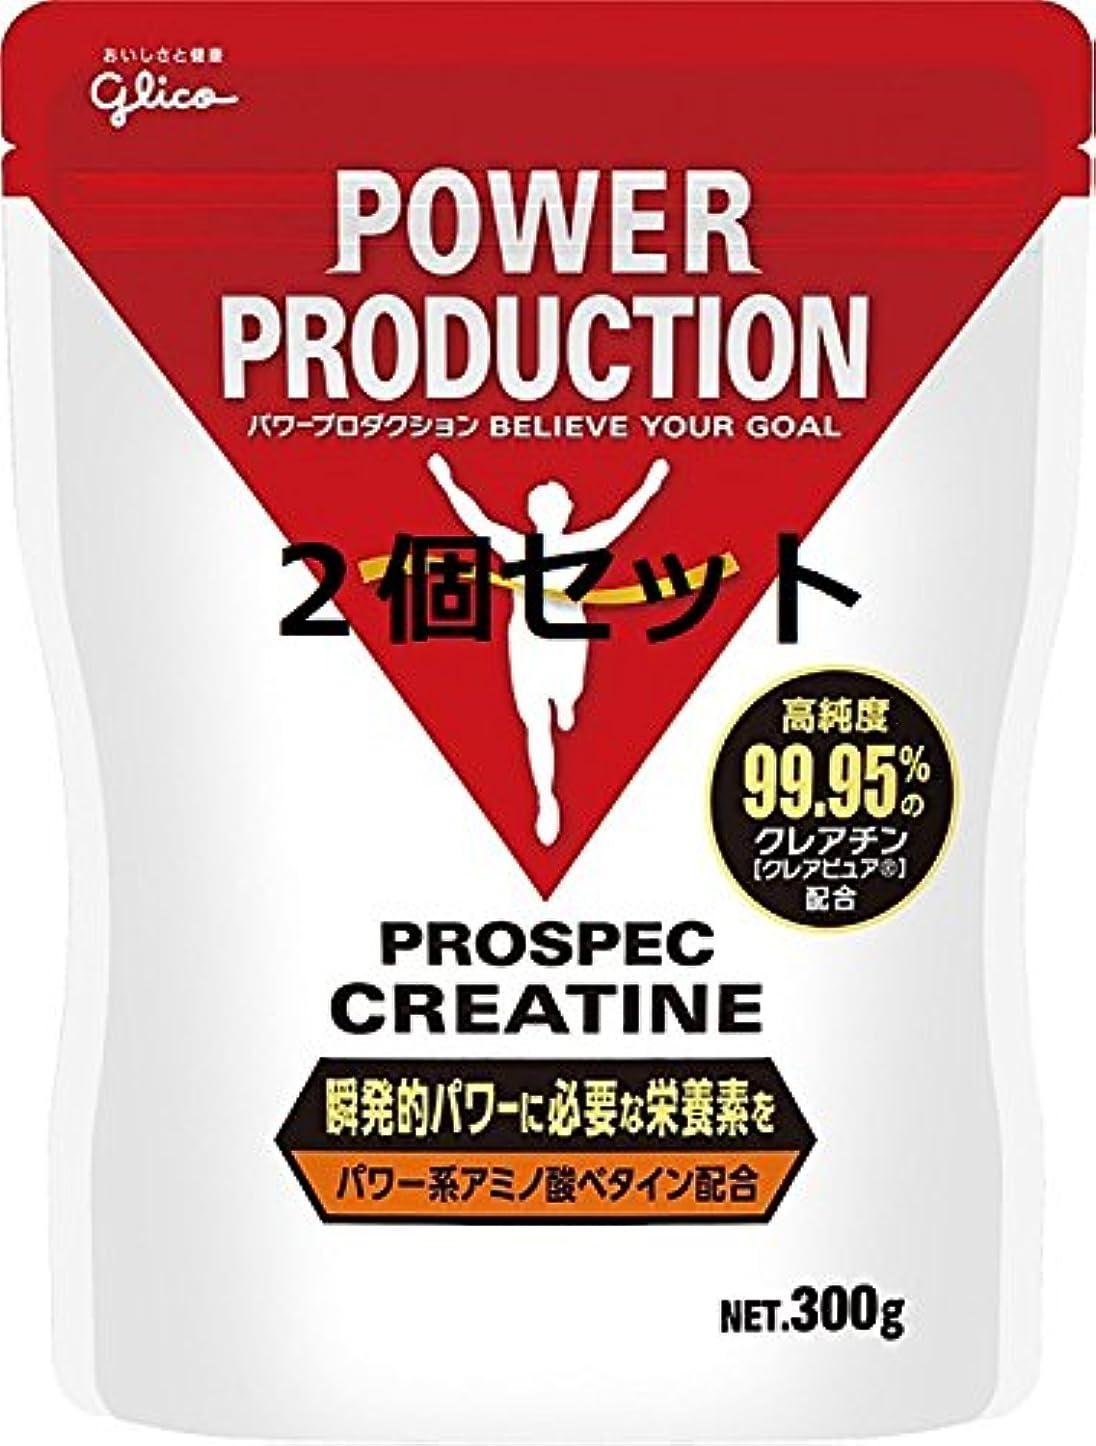 意気消沈した永久に緊張【2個セット】グリコ アミノ酸プロスペッククレアチンパウダー PROSUPEC CREATINE 300g Glico